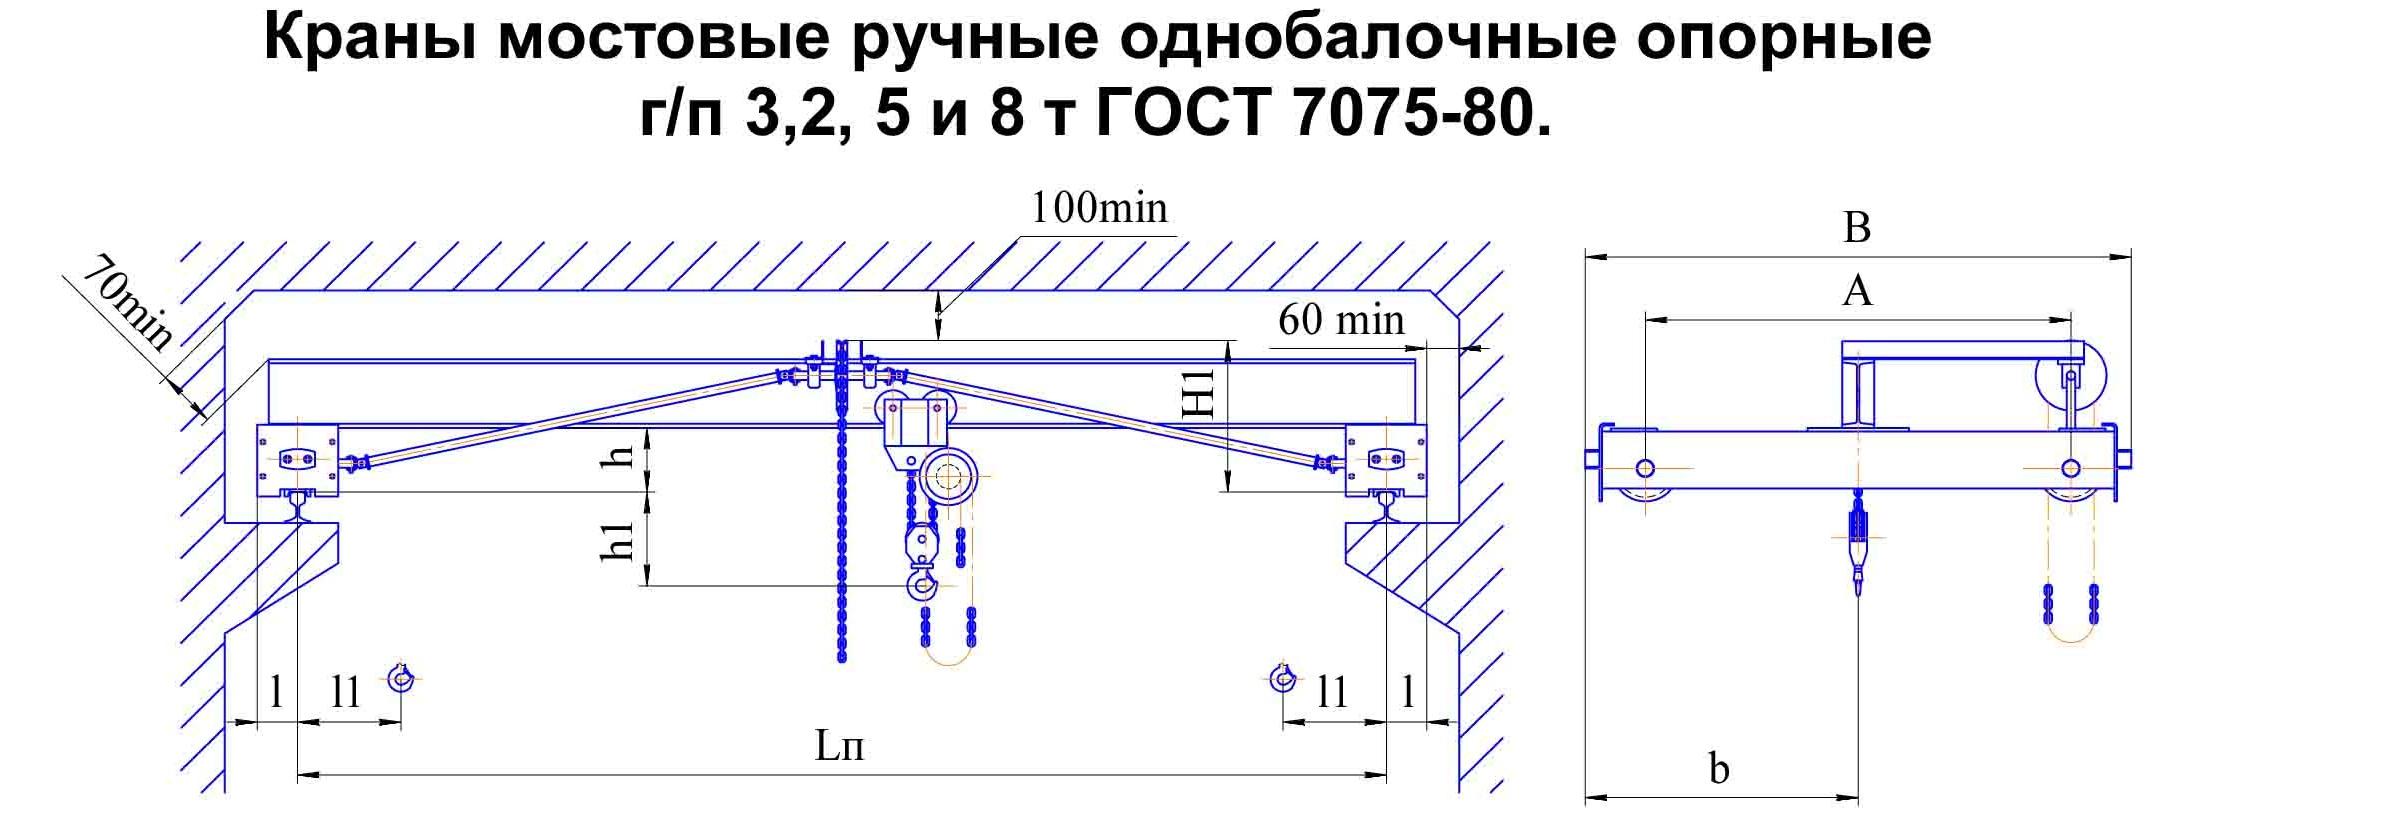 Кран мостовой двухбалочный: опорный, электрический, 5т, гост, 10т, цены, отзывы